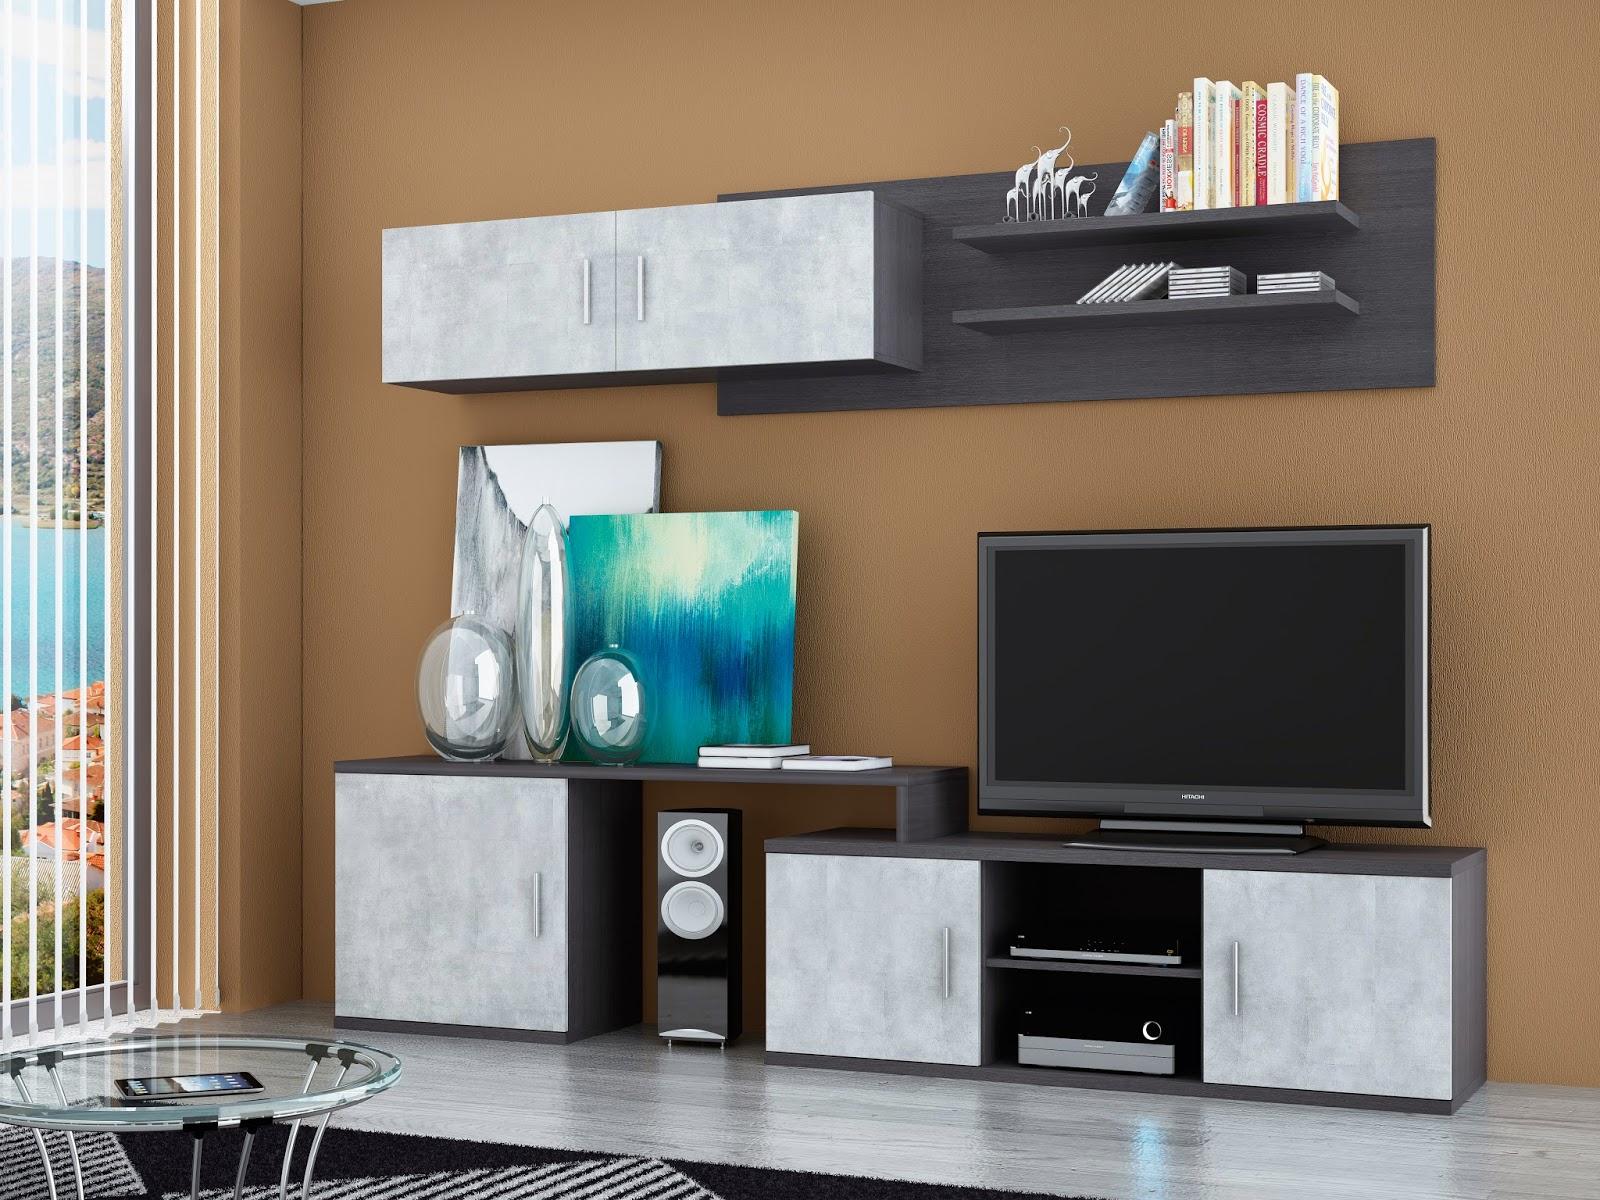 Tu tienda ahorro mueble de salon 240cm for Mueble salon 240 cm